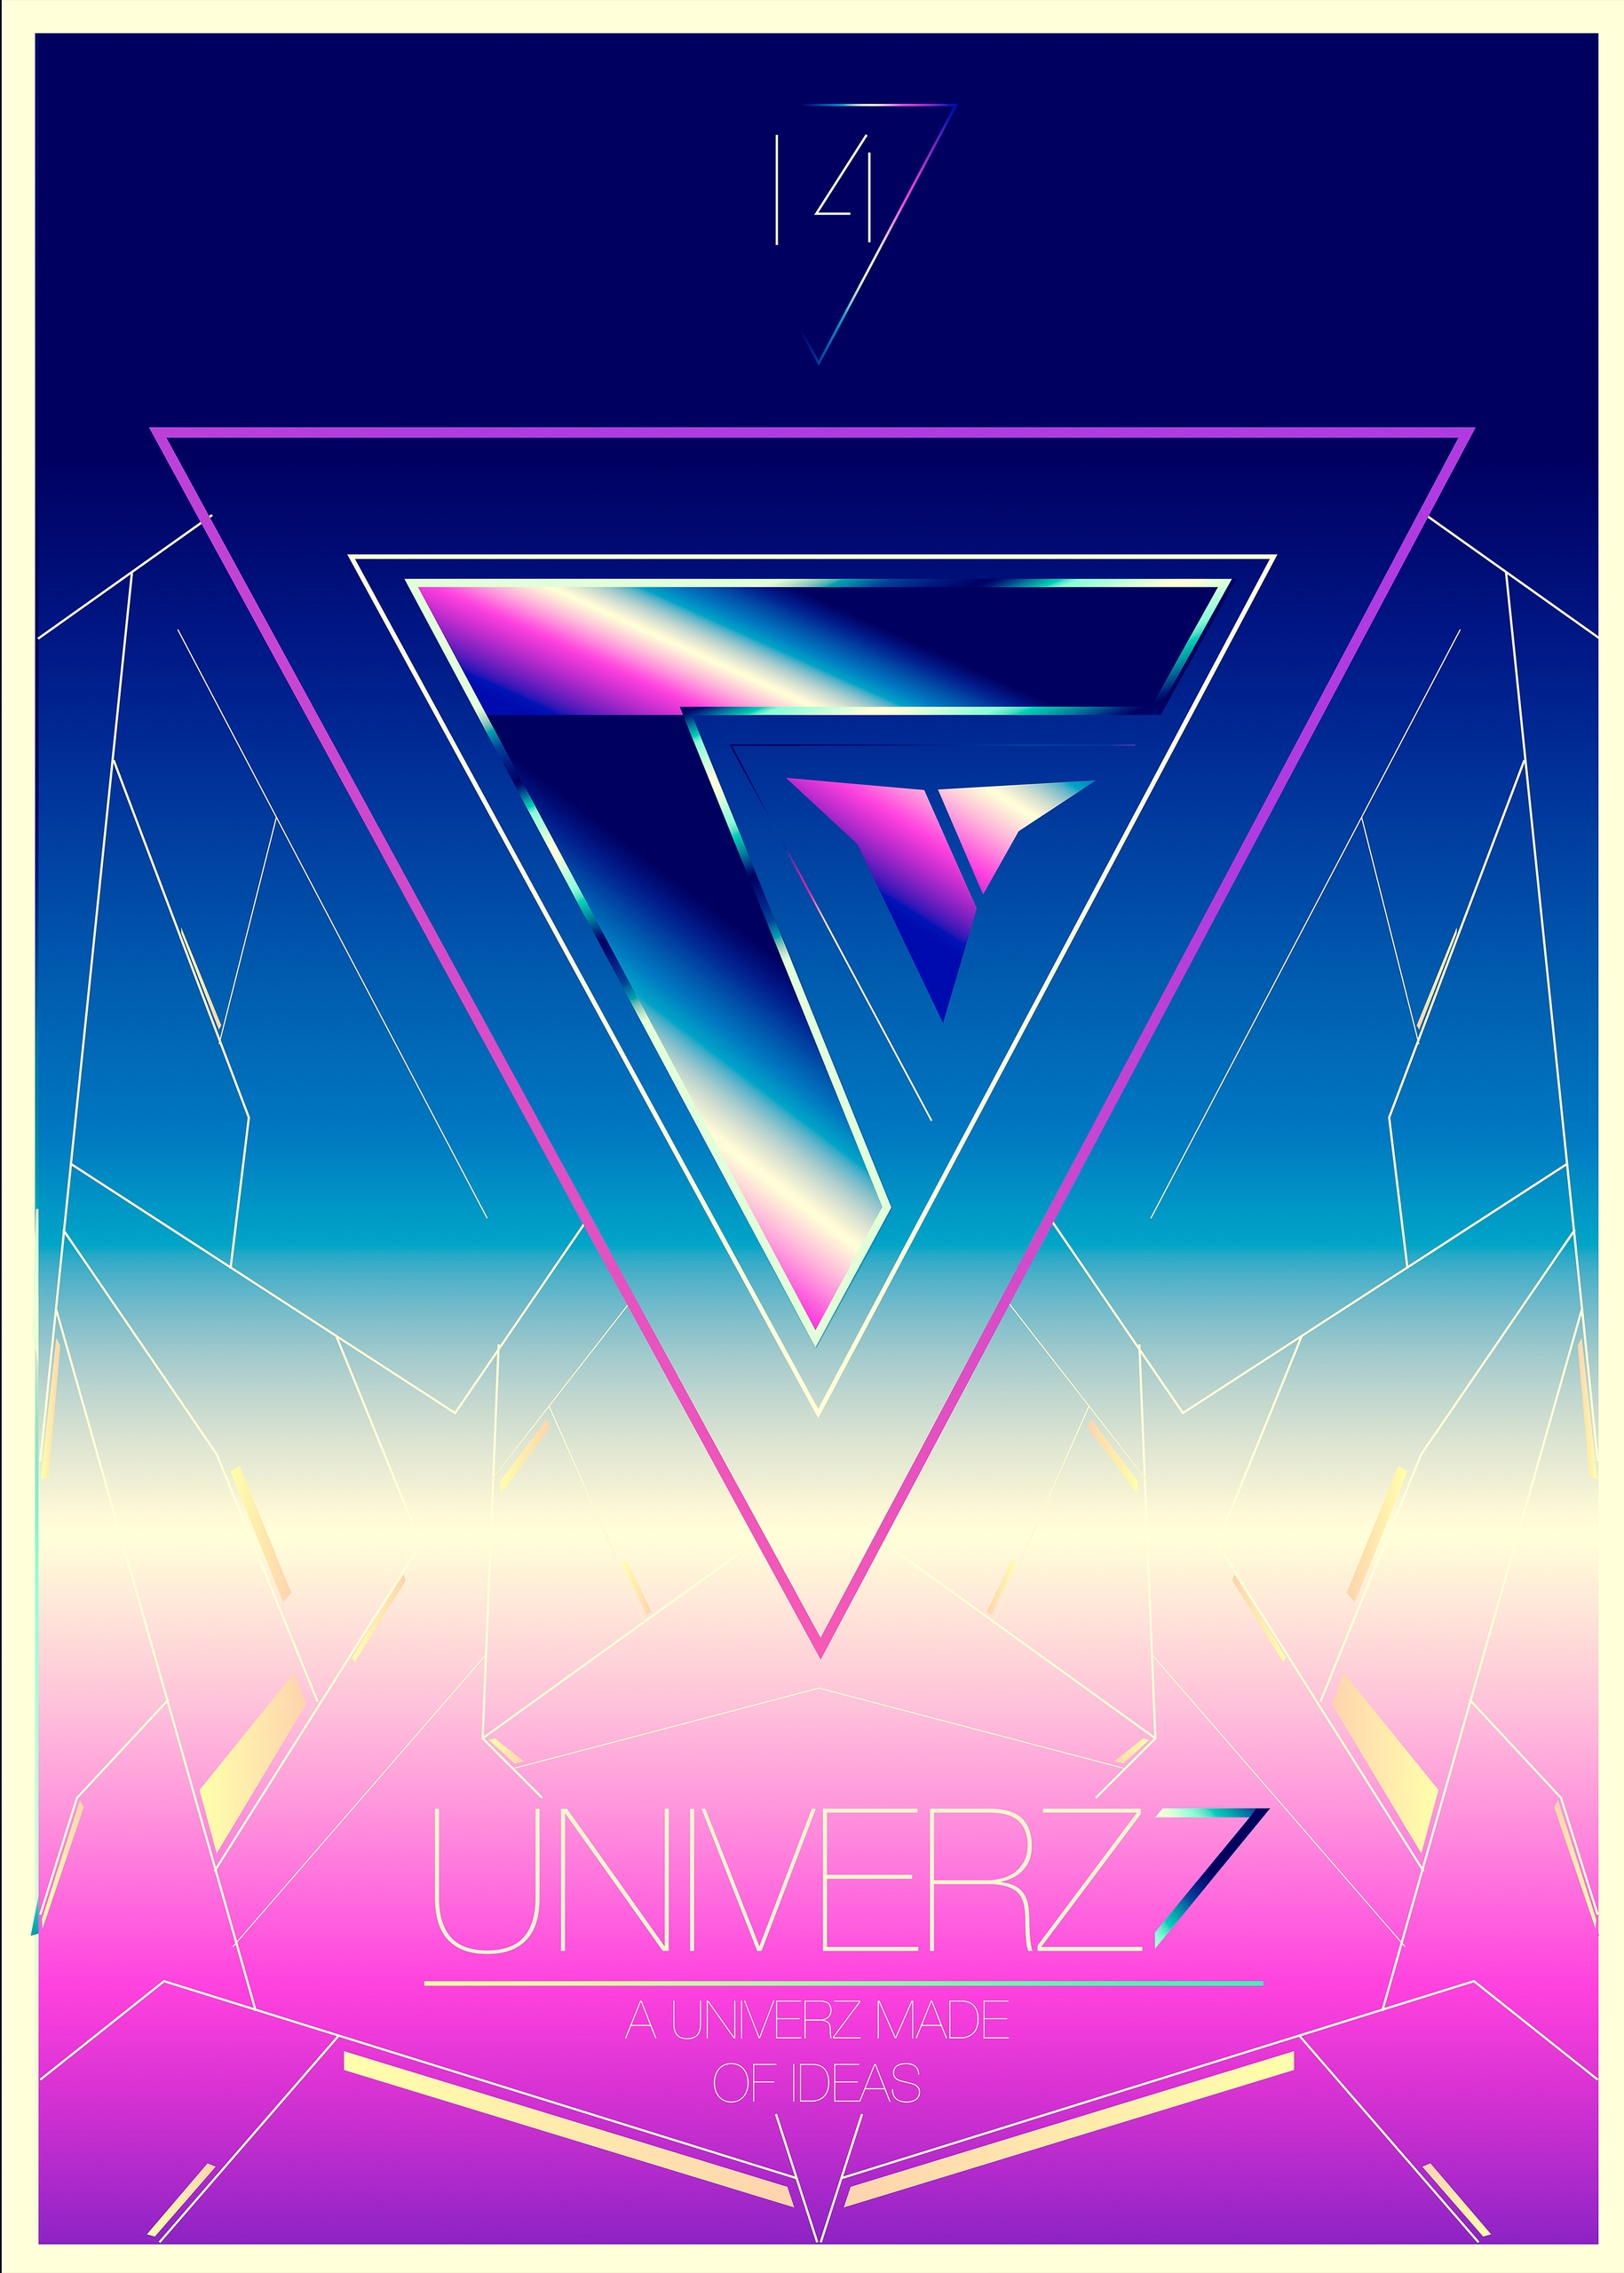 illustration, future, futuristic - univerz | ello